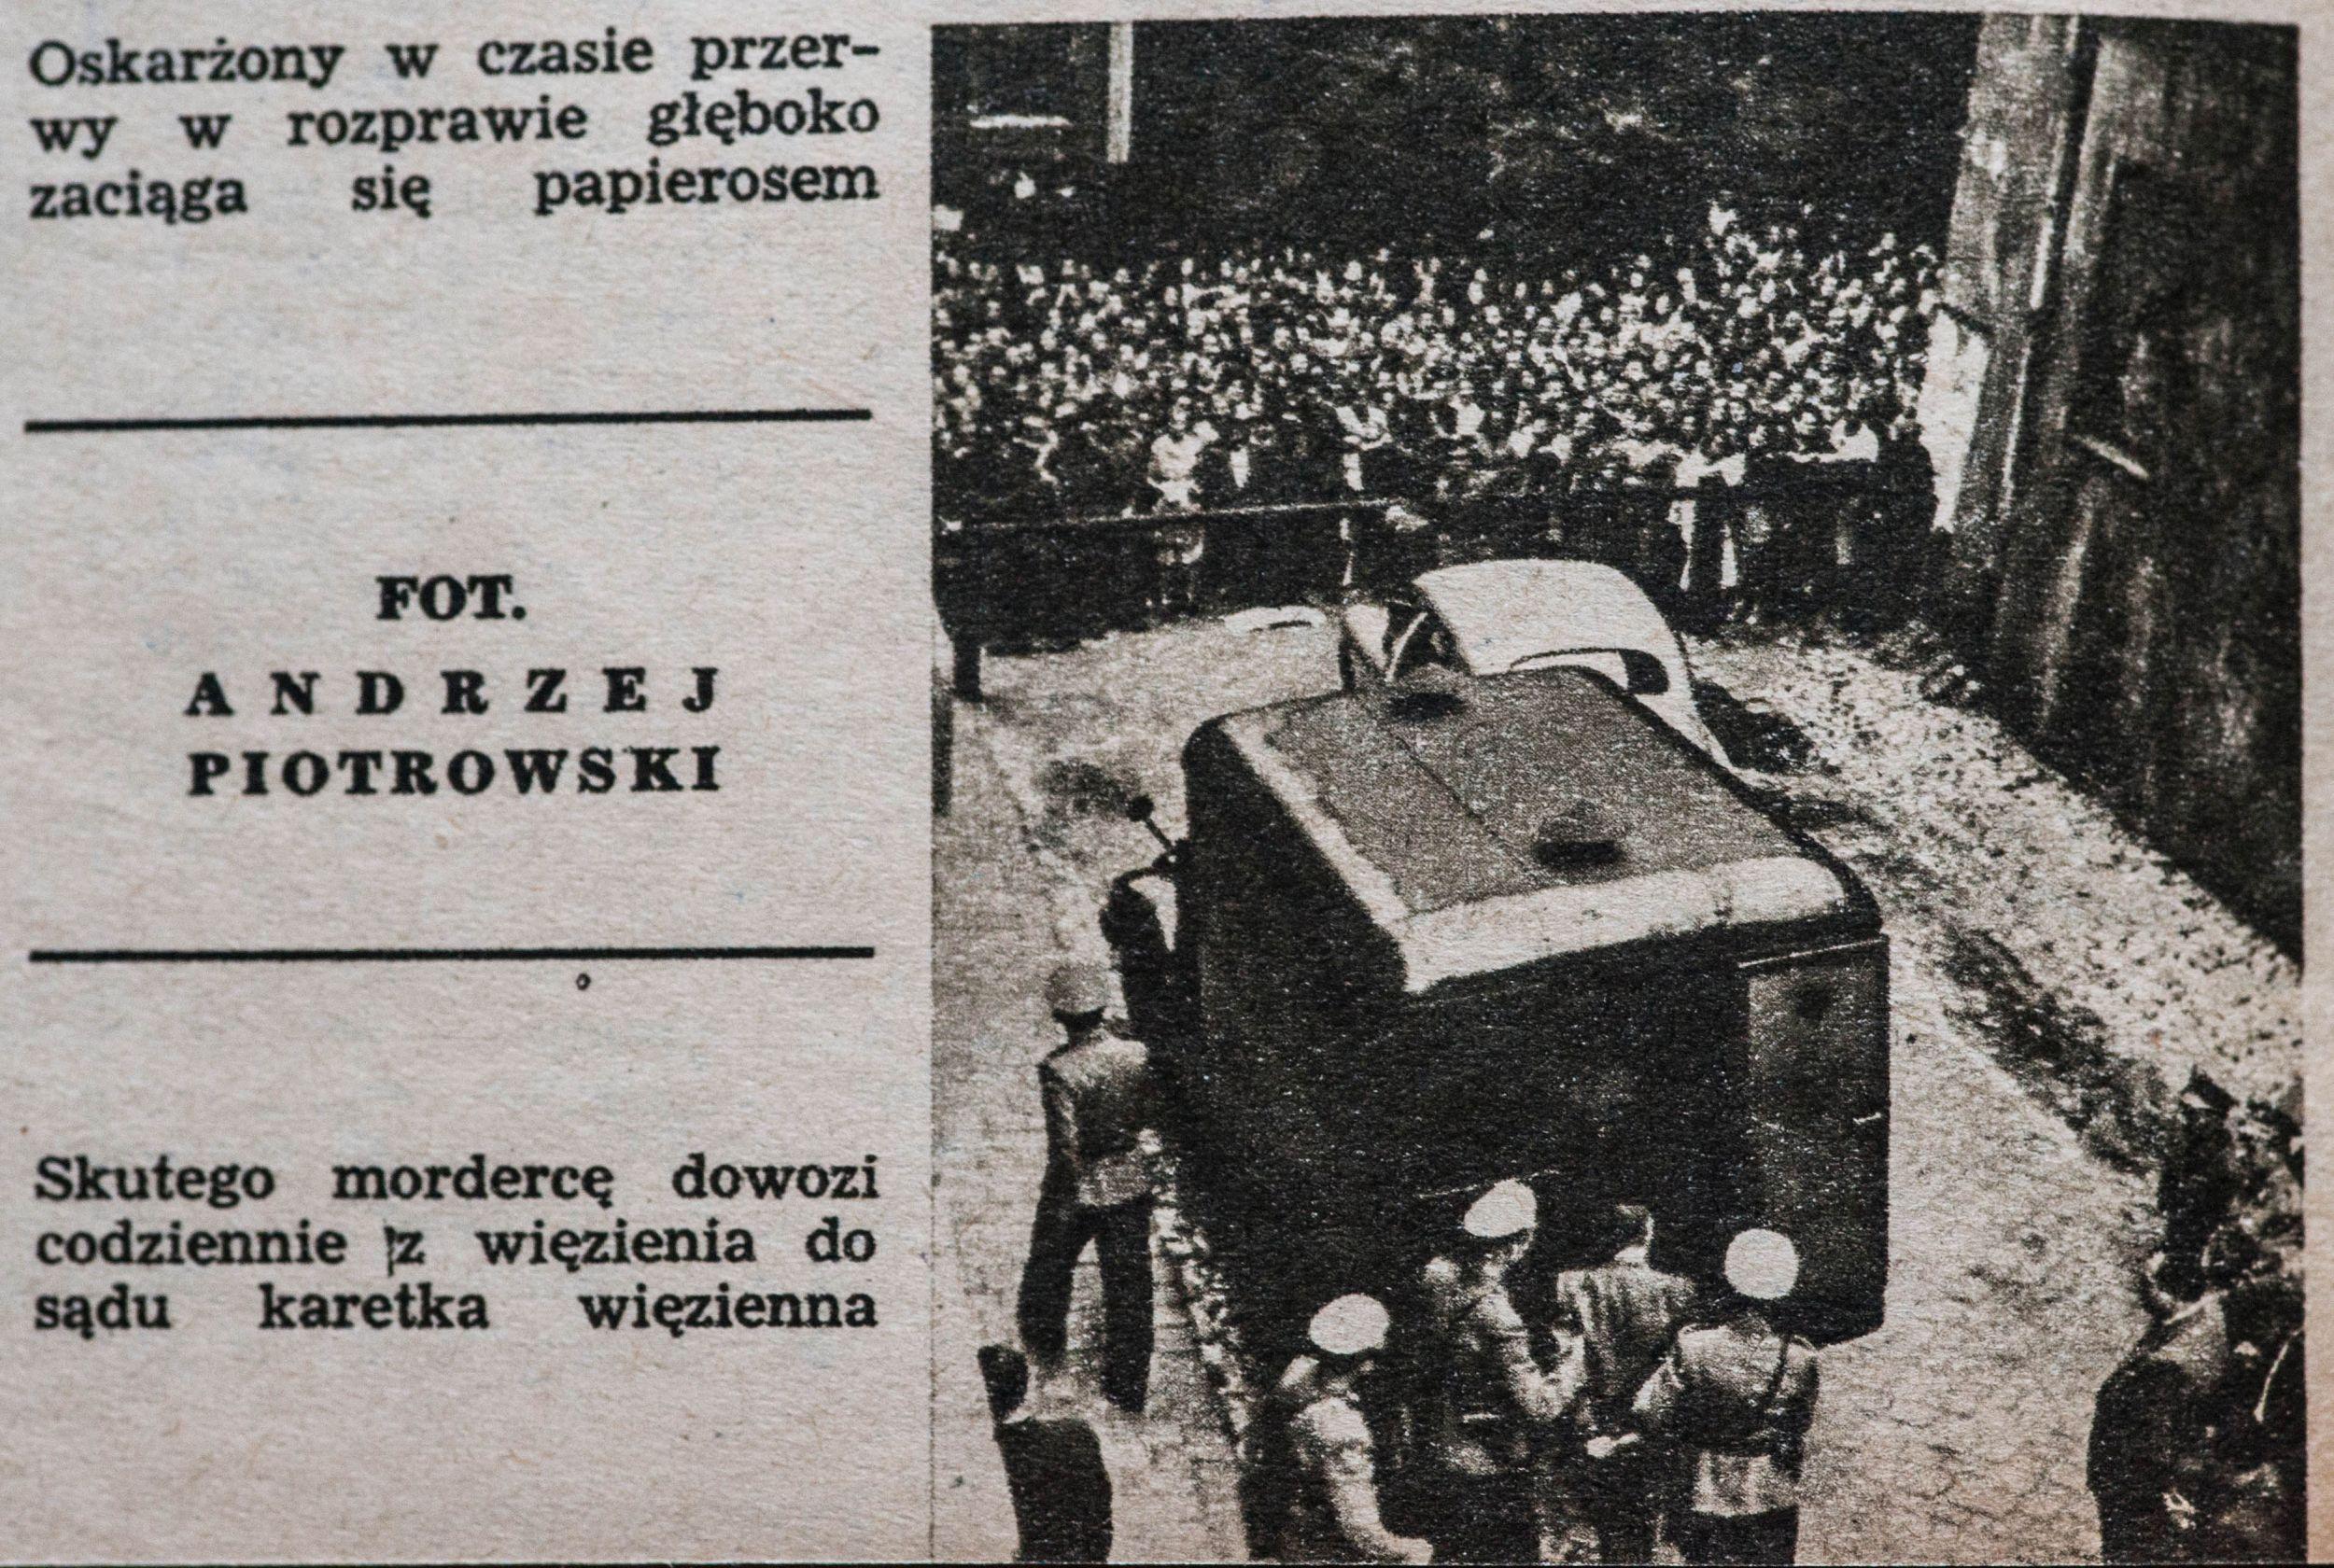 Dwa razy dziennie więzienna karetka, eskortowana przez milicyjny radiowóz i motory, przejeżdża przez centrum Krakowa, by zawieźć Mazurkiewicza na rozprawę, a następnie przetransportować go z powrotem do aresztu, zdjęcie prasowe z 1956 roku (fot. zdjęcie archiwalne / Adam Tuchliński)